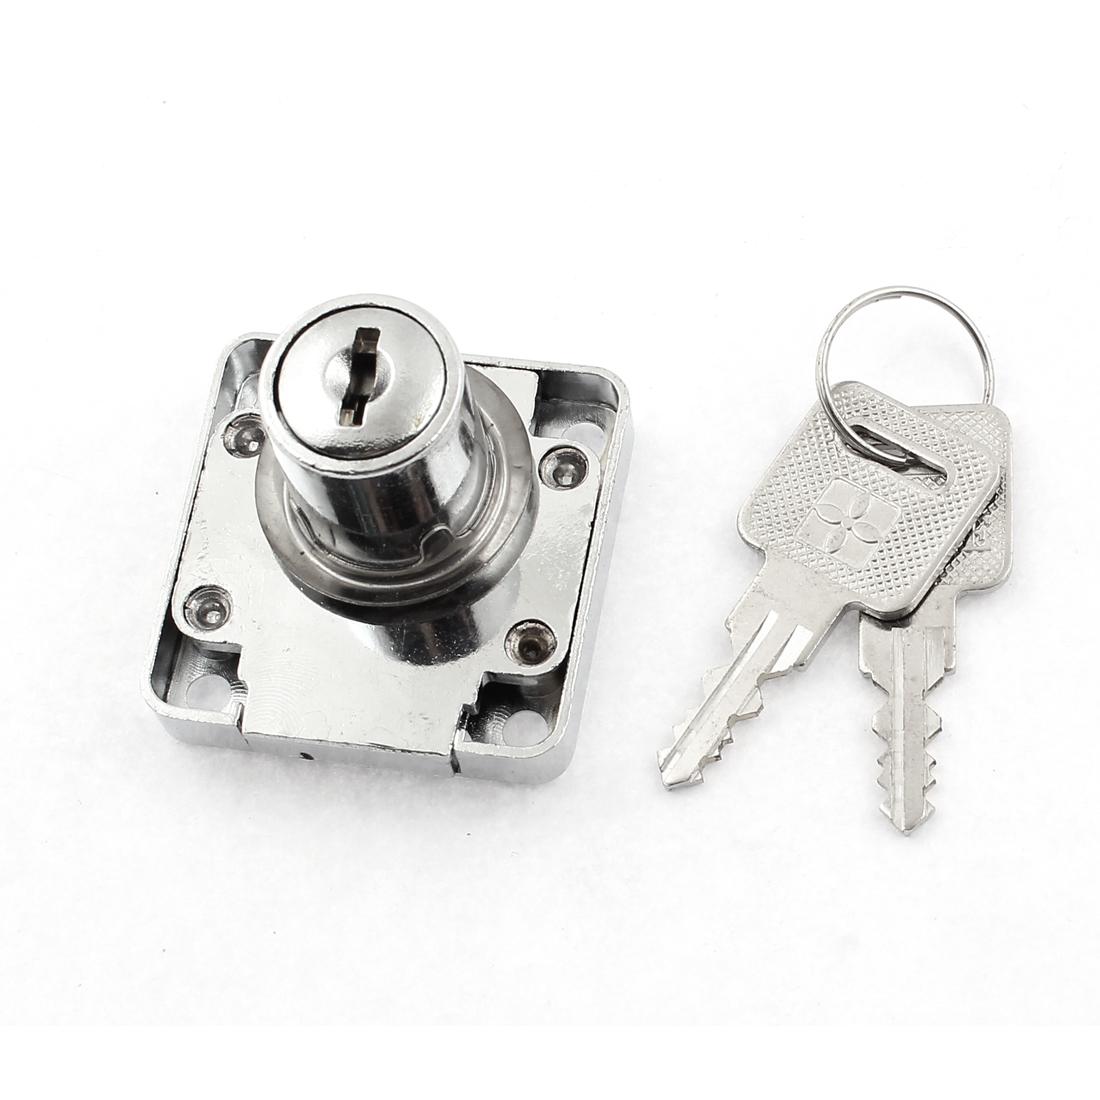 19mm x 22mm Wardrobe Cabinet Mailbox Drawer Safety Tubular Cylinder Lock w 2 Keys